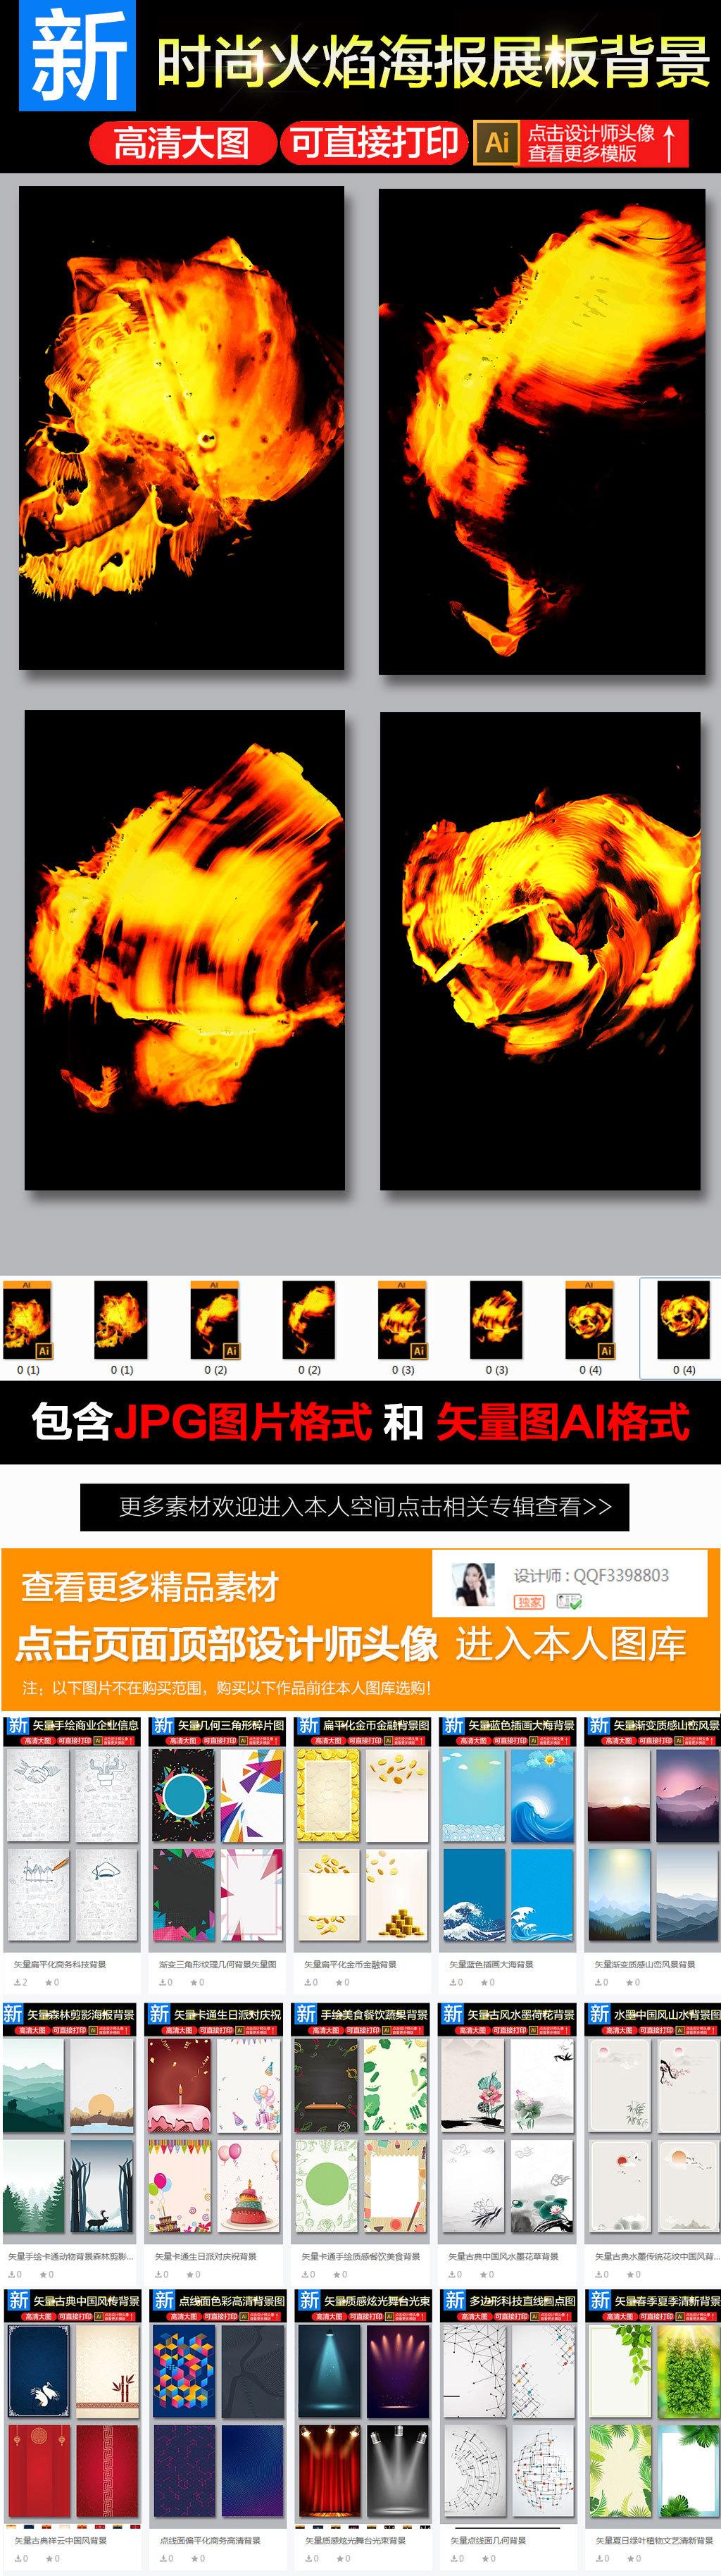 时尚红色火焰海报背景图下载 时尚红色火焰海报背景图图片素材其他格